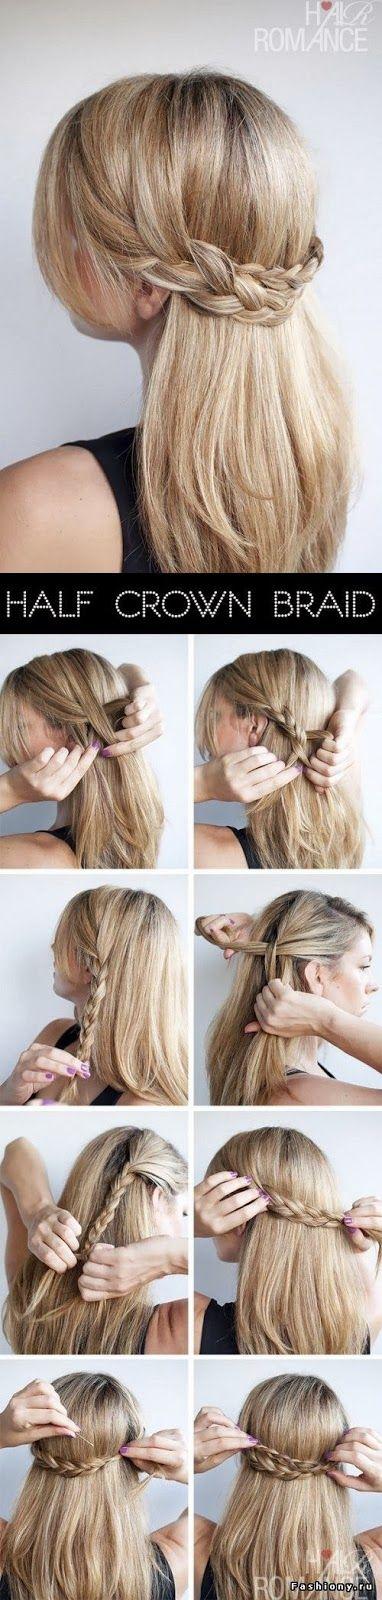 Half crown braid ~ DIY Everyday Hairstyles School Step by step ~ I love it:)